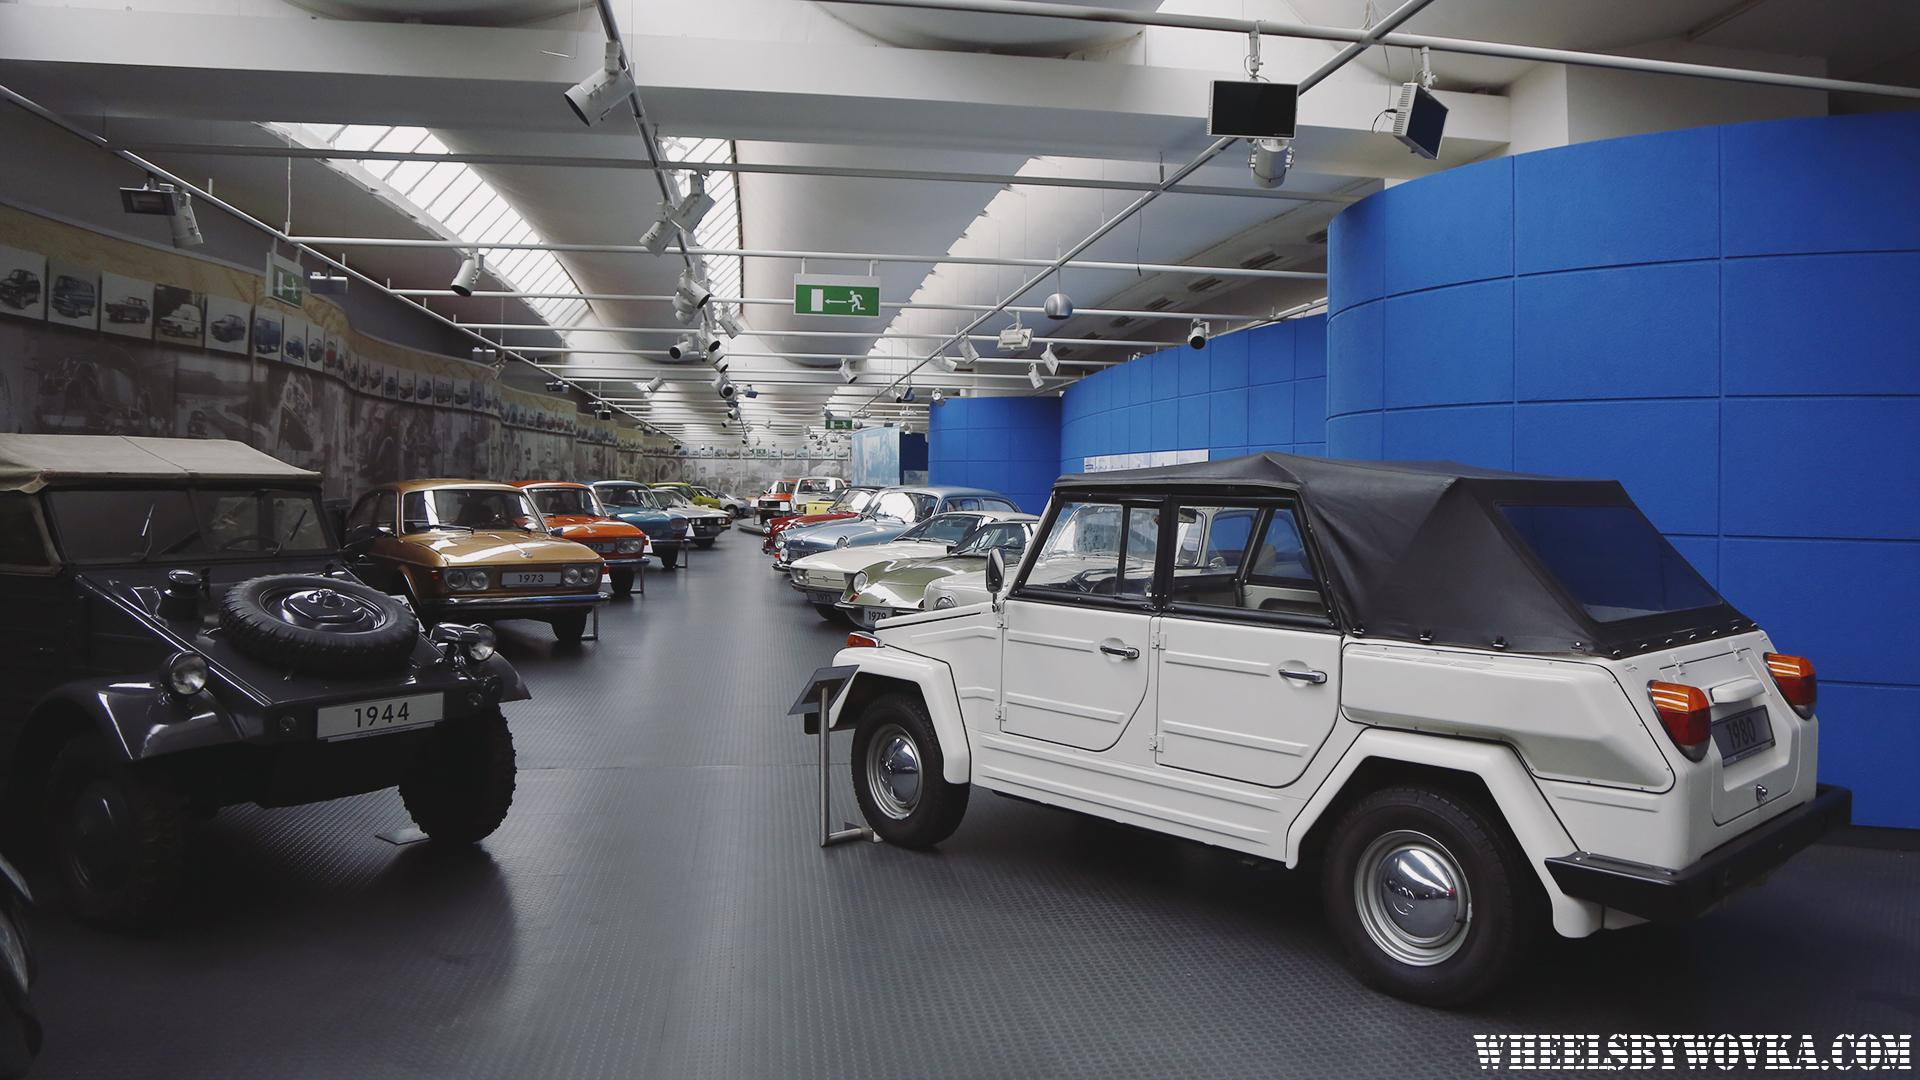 volkswagen-vw-museum-wolfsbourg-tour-by-wheelsbywovka-21